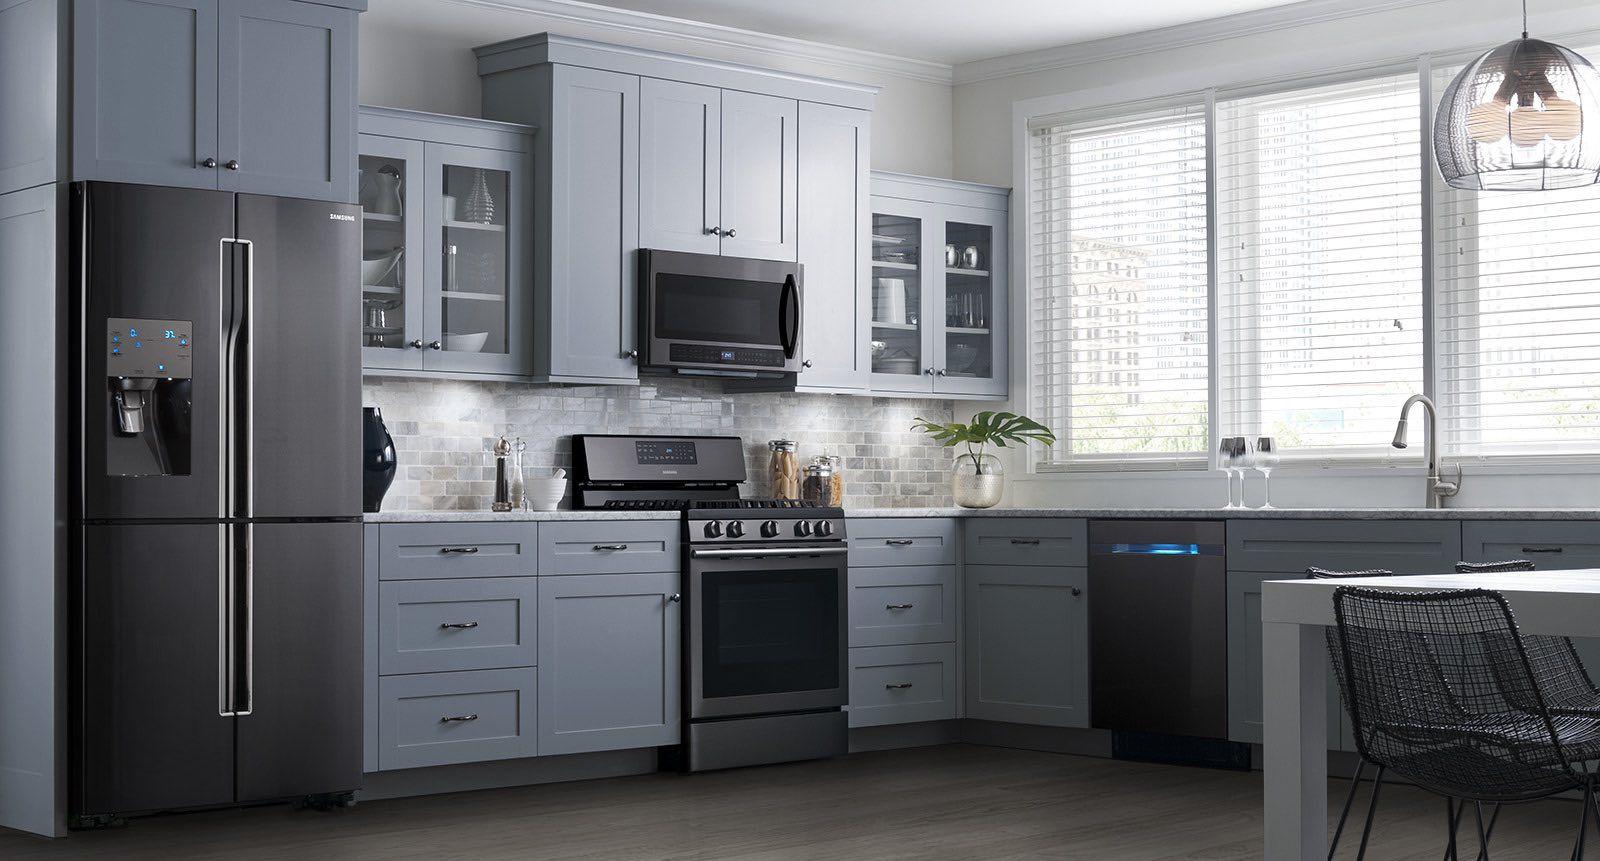 Home Appliances Kitchen Laundry Appliances Kitchen Trends